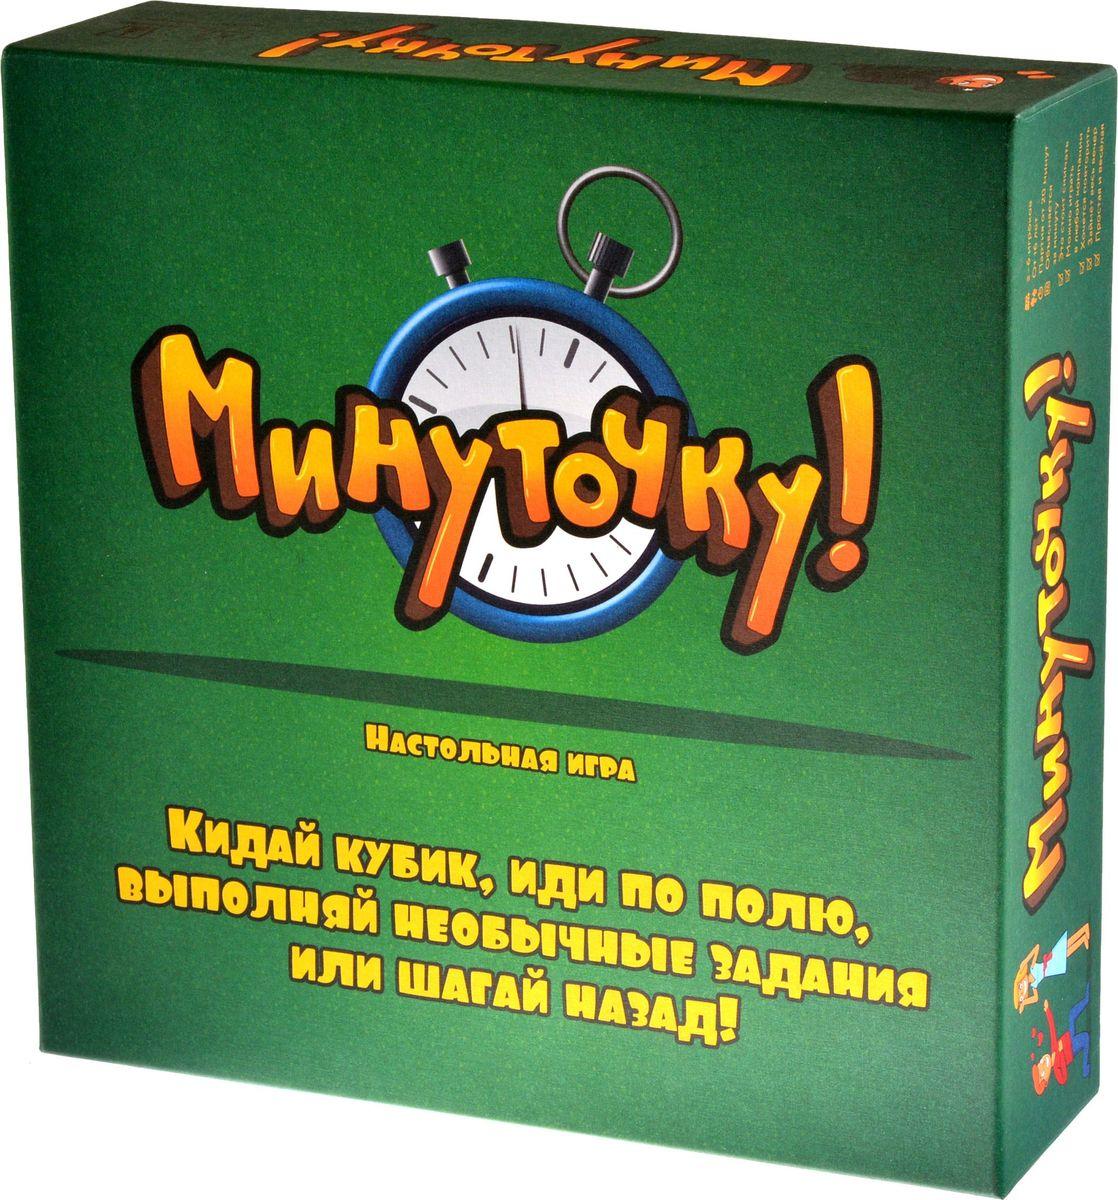 Magellan Настольная игра Минуточку!MAG00039Настольная игра Magellan Минуточку! совершенно точно подойдет для больших веселых компаний на празднике. Можно даже не читать правила, а сразу начинать играть, даже если вы только-только приобрели игру.Цель игры: вы кидаете кубик, шагаете вперед и выполняете задание. Бывает, вам нужно ответить на вопрос викторины, бывает - обыграть другого игрока в мини-игру, а бывает - выполнить короткое необычное задание. Если получается, вы остаетесь, где стояли, если нет - идете назад. Кто первым дойдет до финиша, тот выиграл. Средняя продолжительность игры: 20 минут.